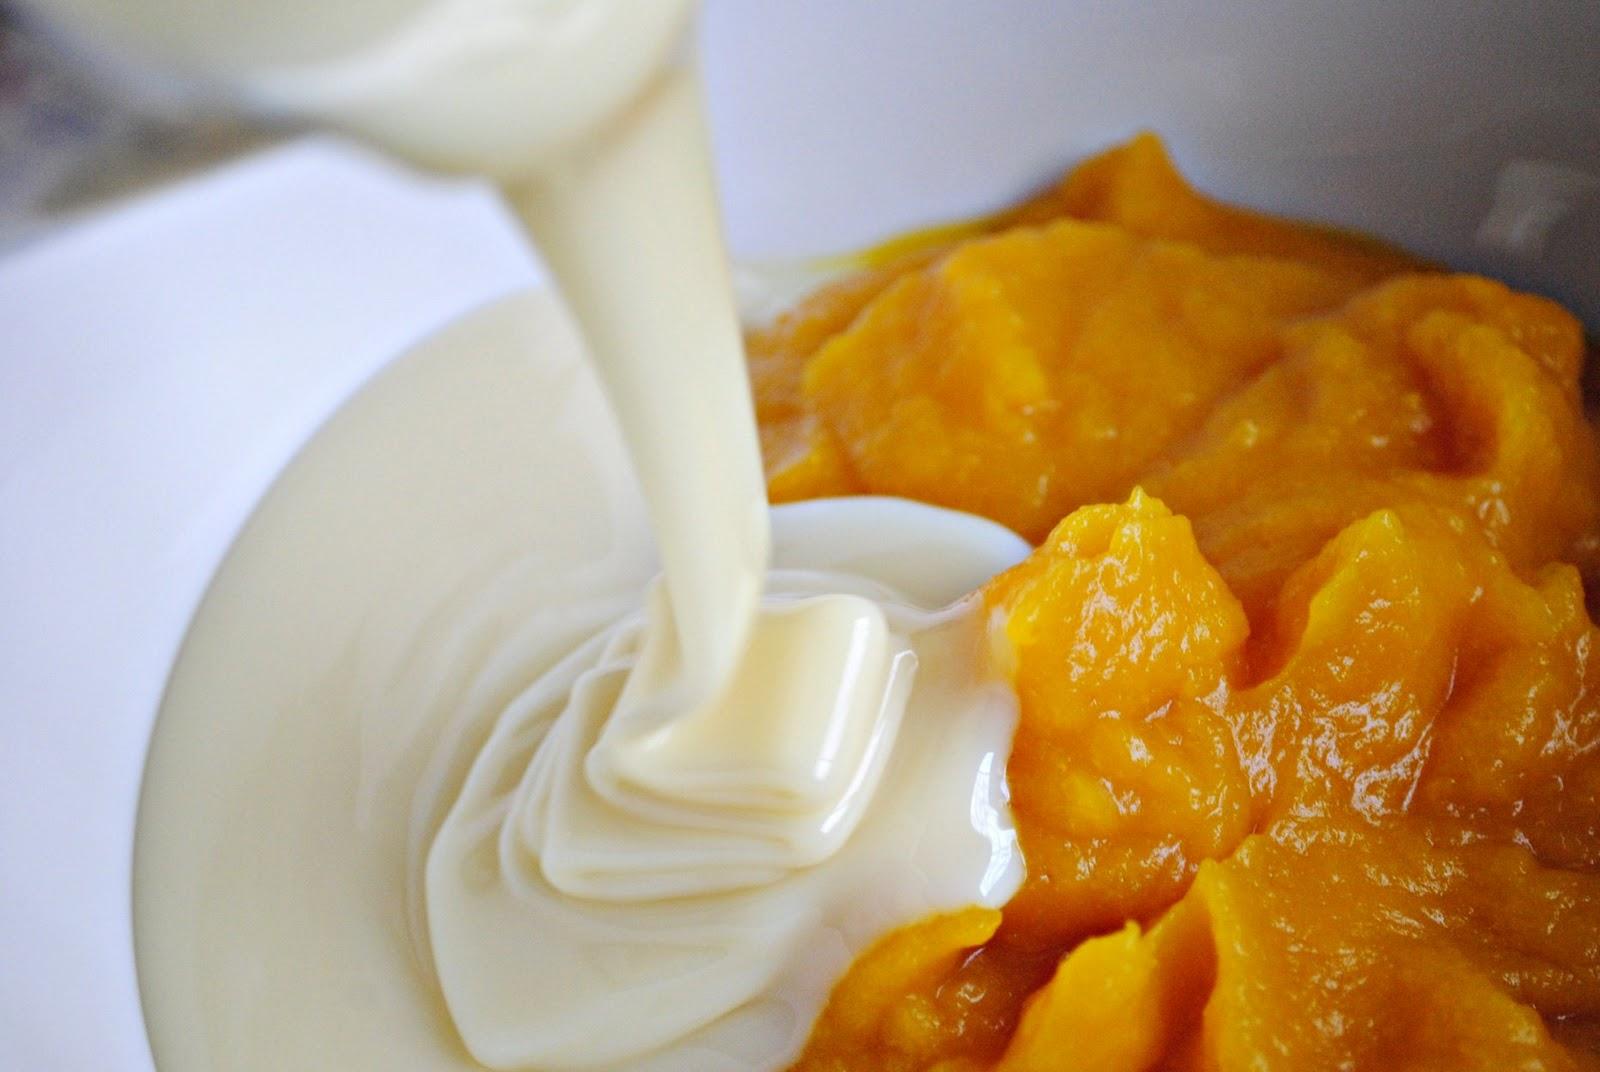 recipe: pumpkin pie with condensed milk vs evaporated milk [39]